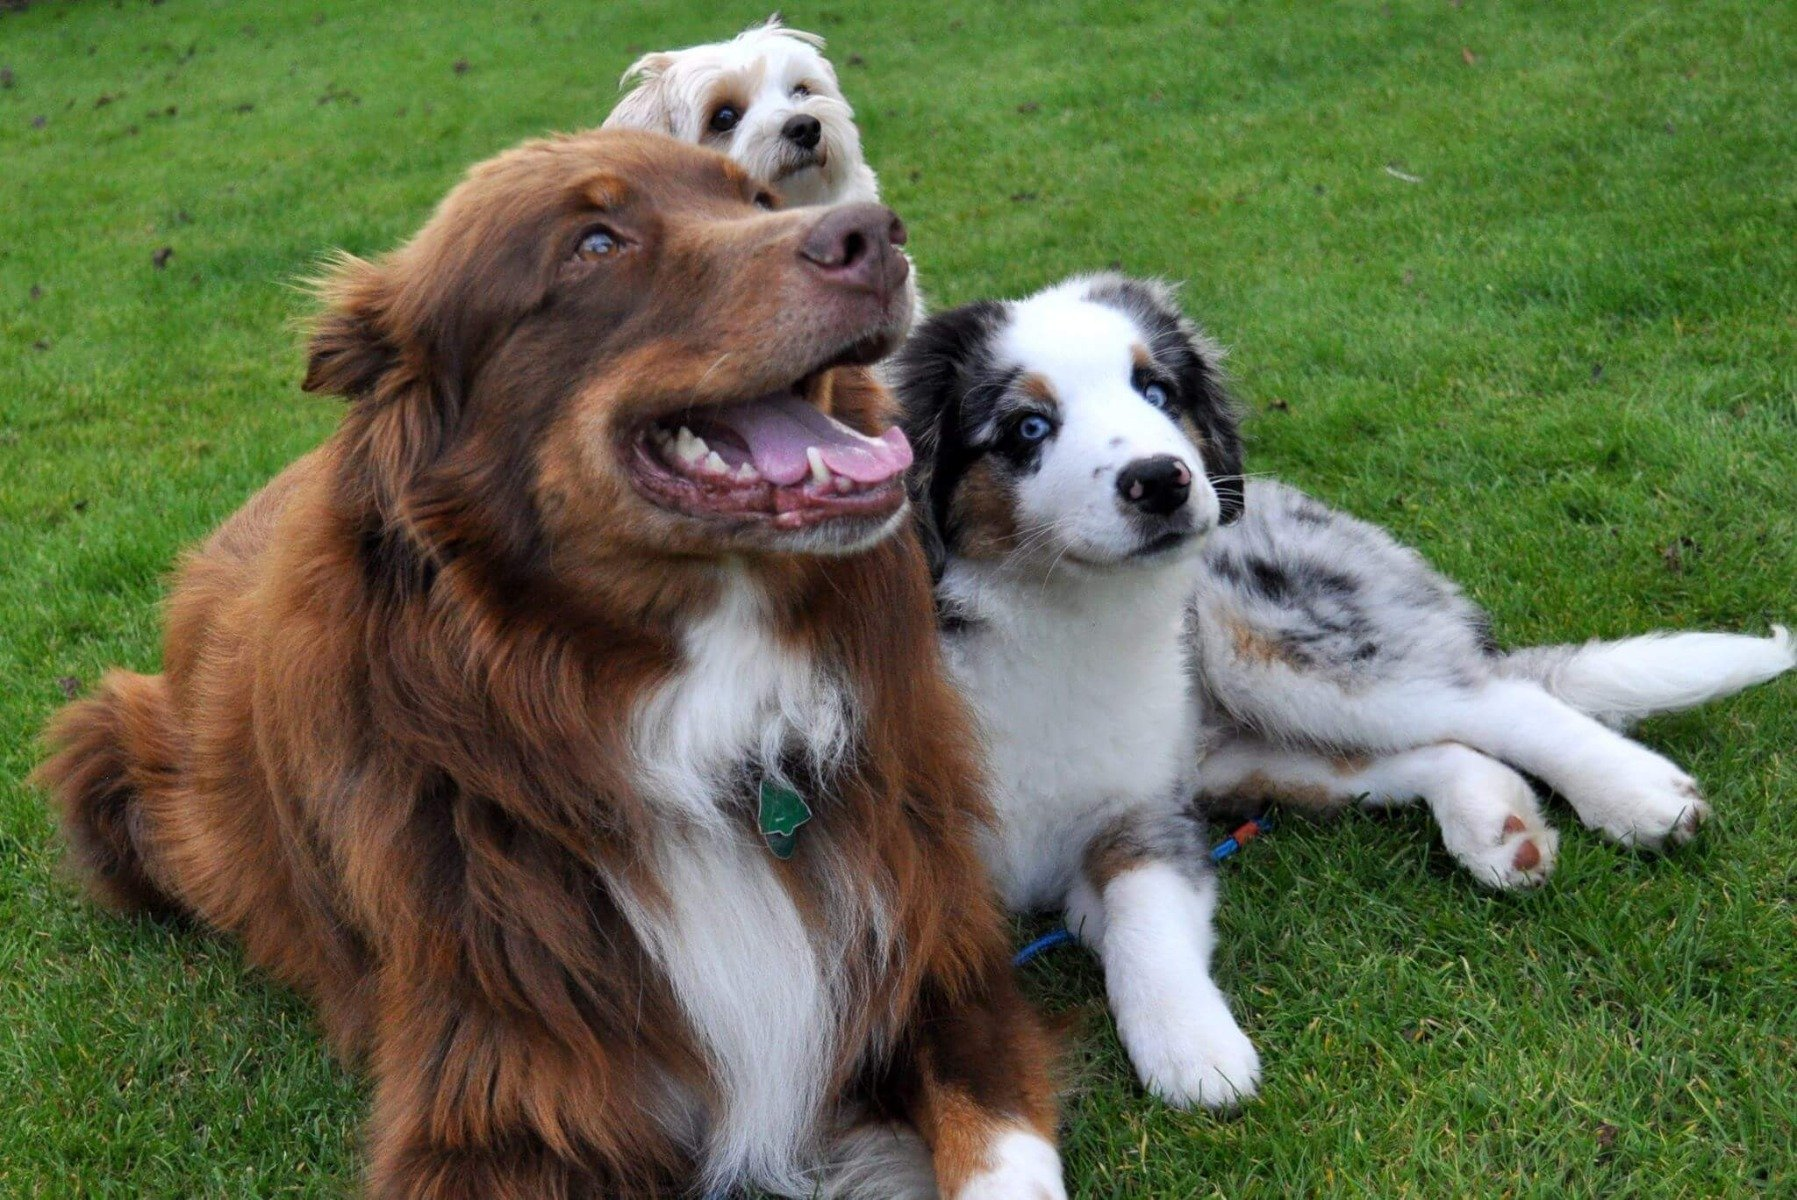 Drei Hunde liegen auf einer Wiese.